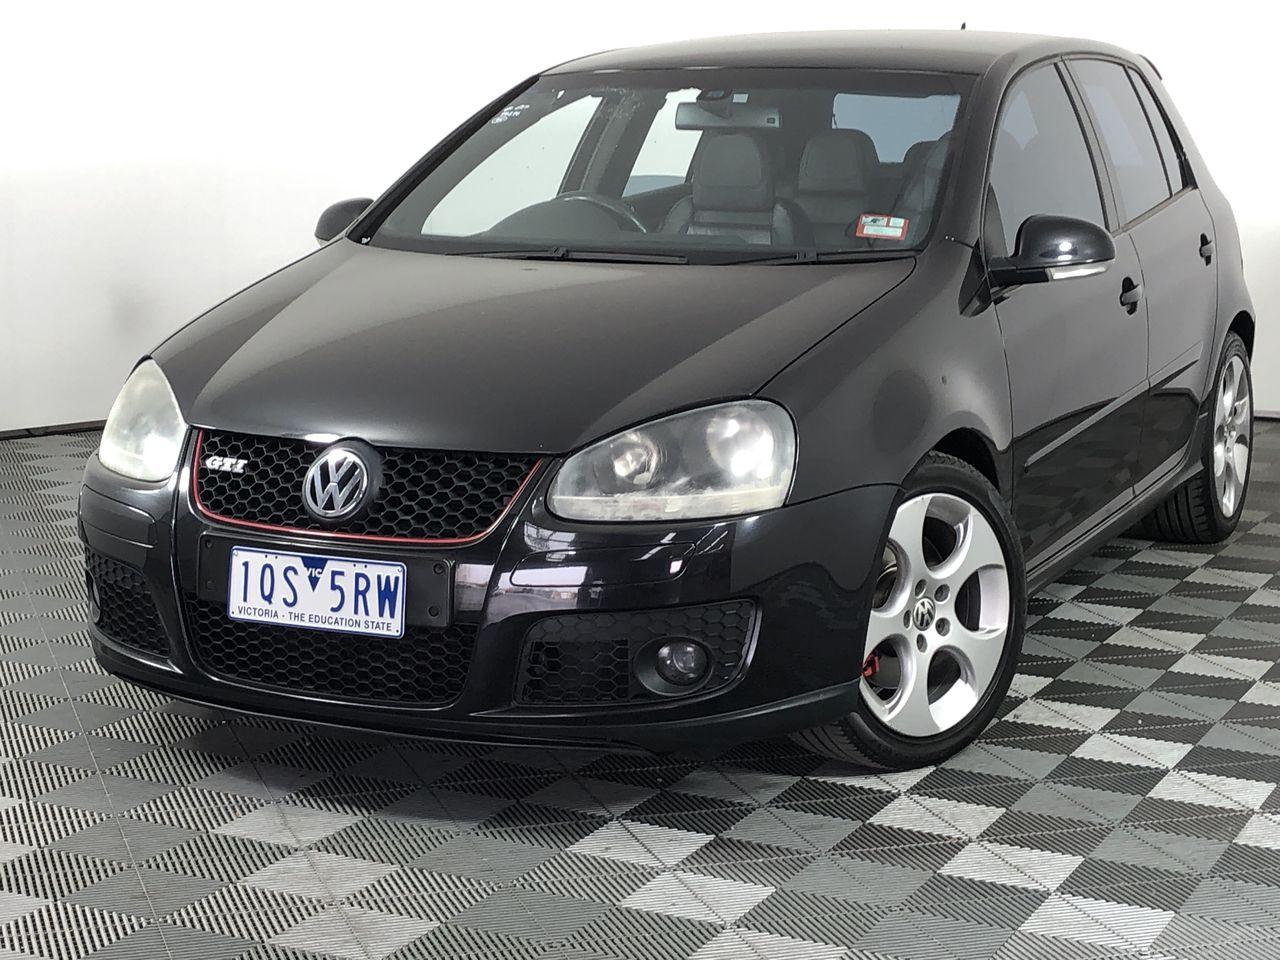 2005 Volkswagen Golf GTi 1k Automatic Hatchback